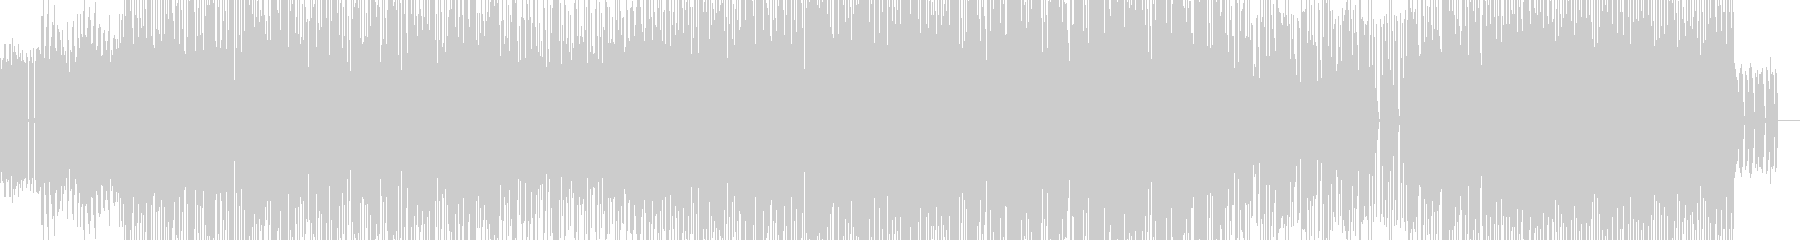 70年代フューチャーレトロファンクの未再生の波形